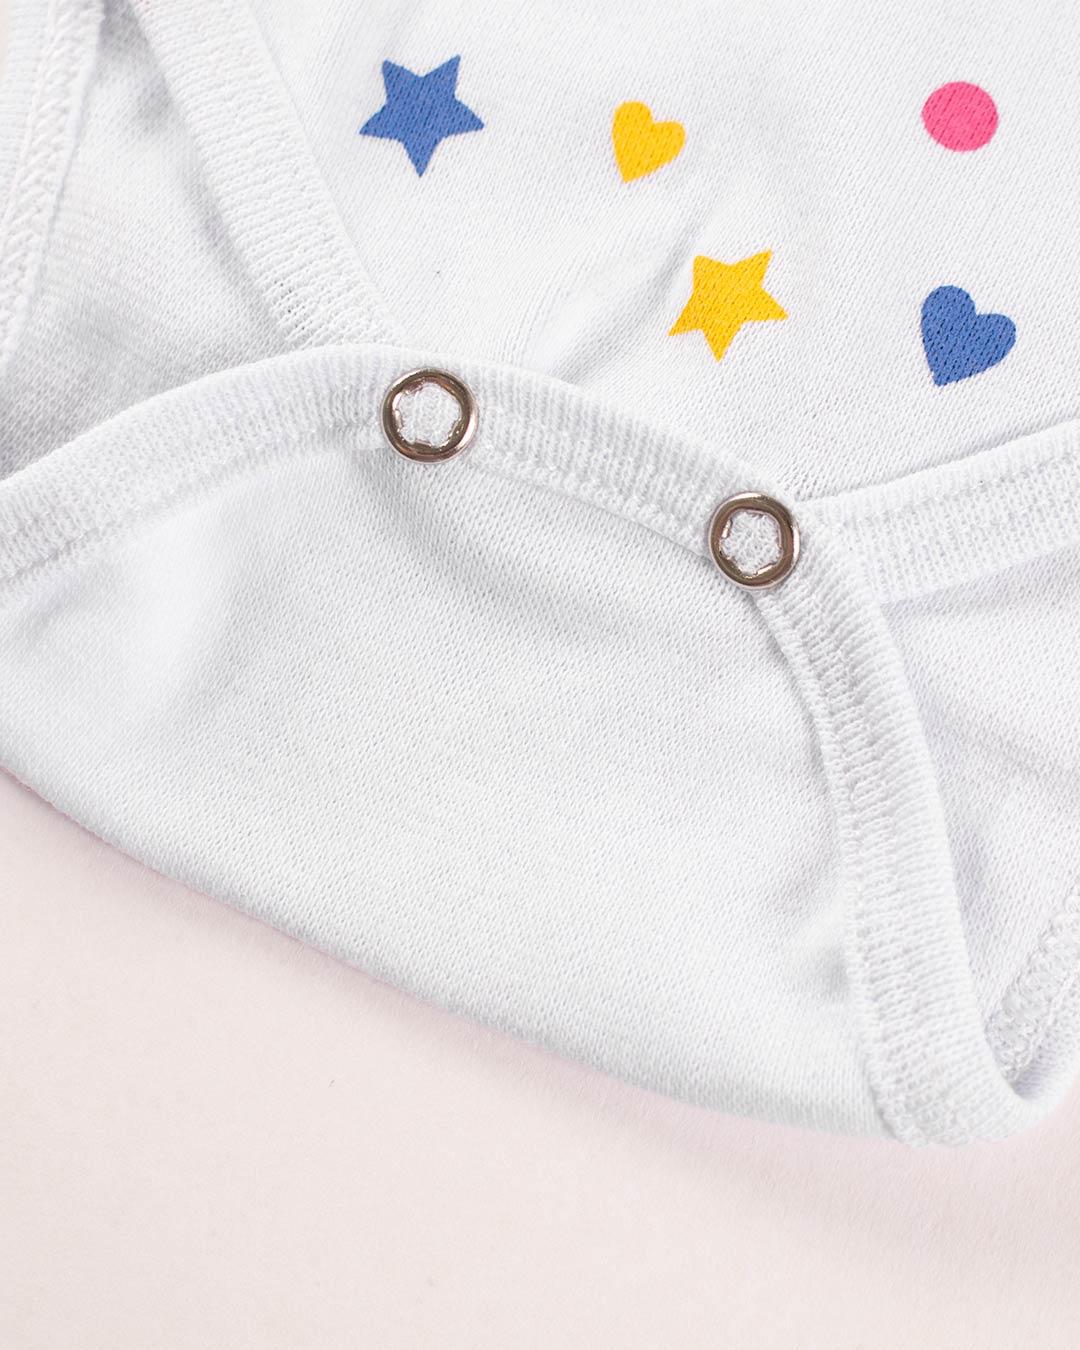 Kit Body 3 Peças com Bermuda Corações e Estrelas Branco - Sorriso Kids